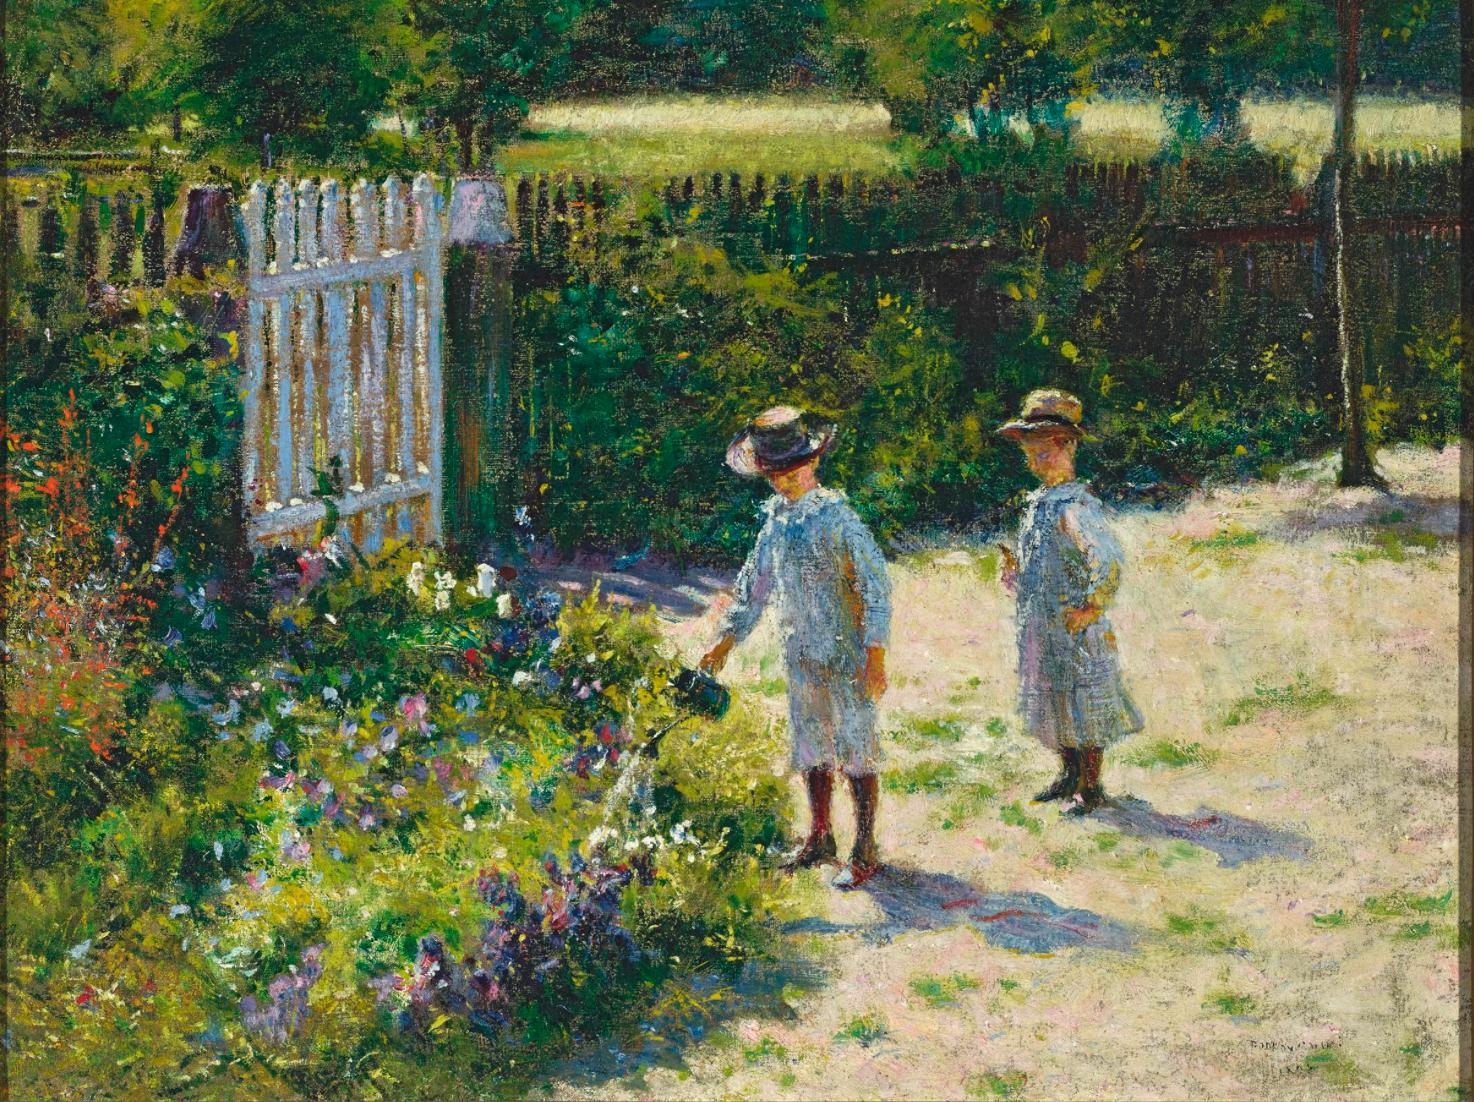 Dzieci wogrodzie Źródło: Władysław Podkowiński, Dzieci wogrodzie, 1892, olej na płótnie, Muzeum Narodowe wWarszawie.